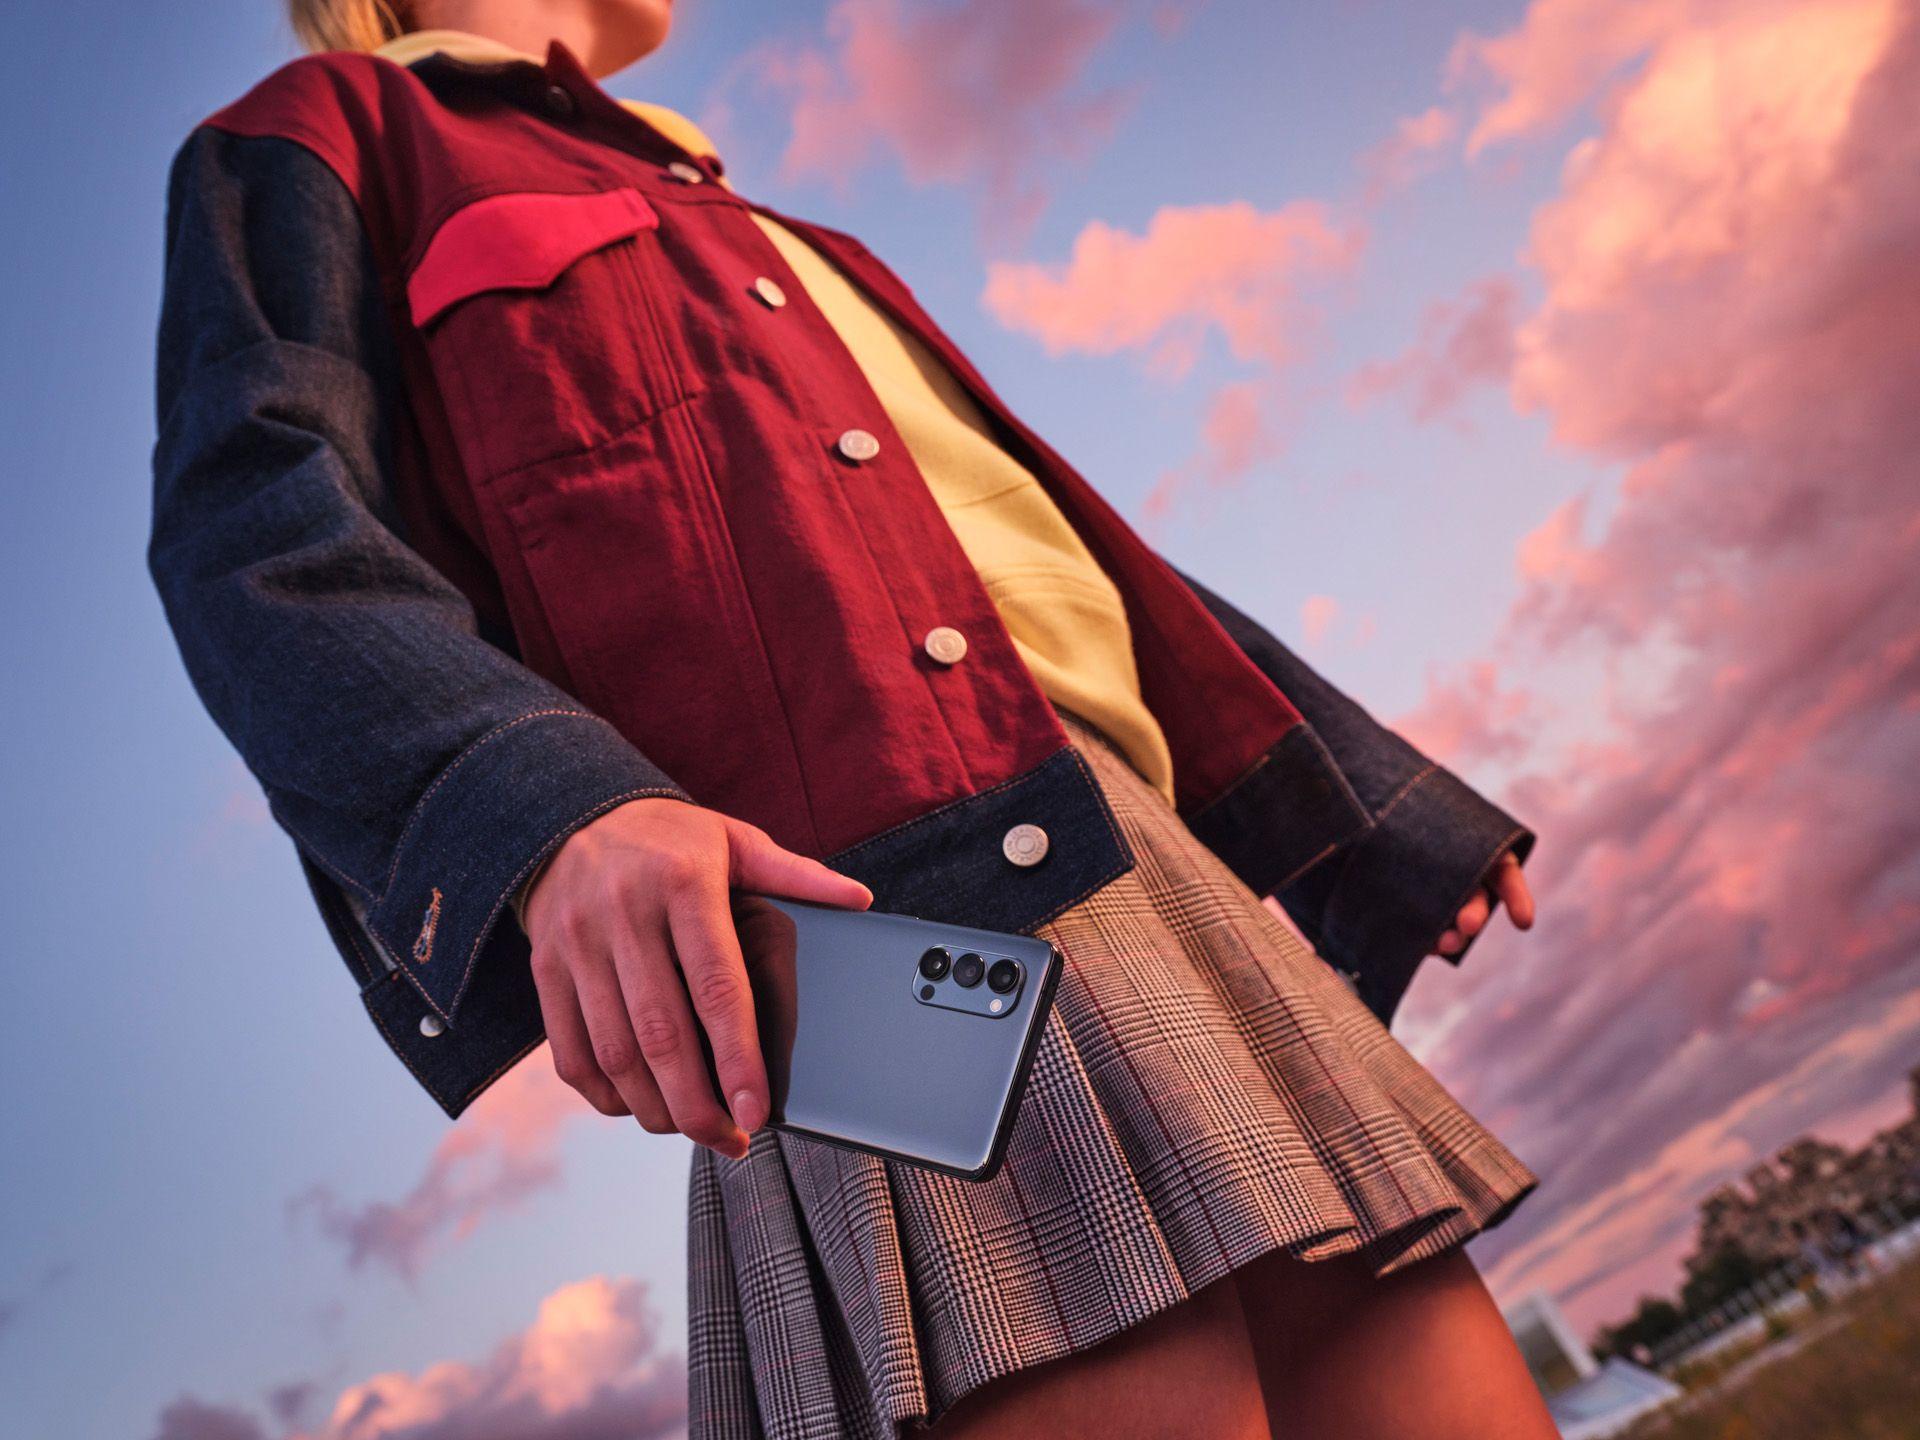 fille en jupe avec un telephone oppo dans les mains pendant le coucher du soleil